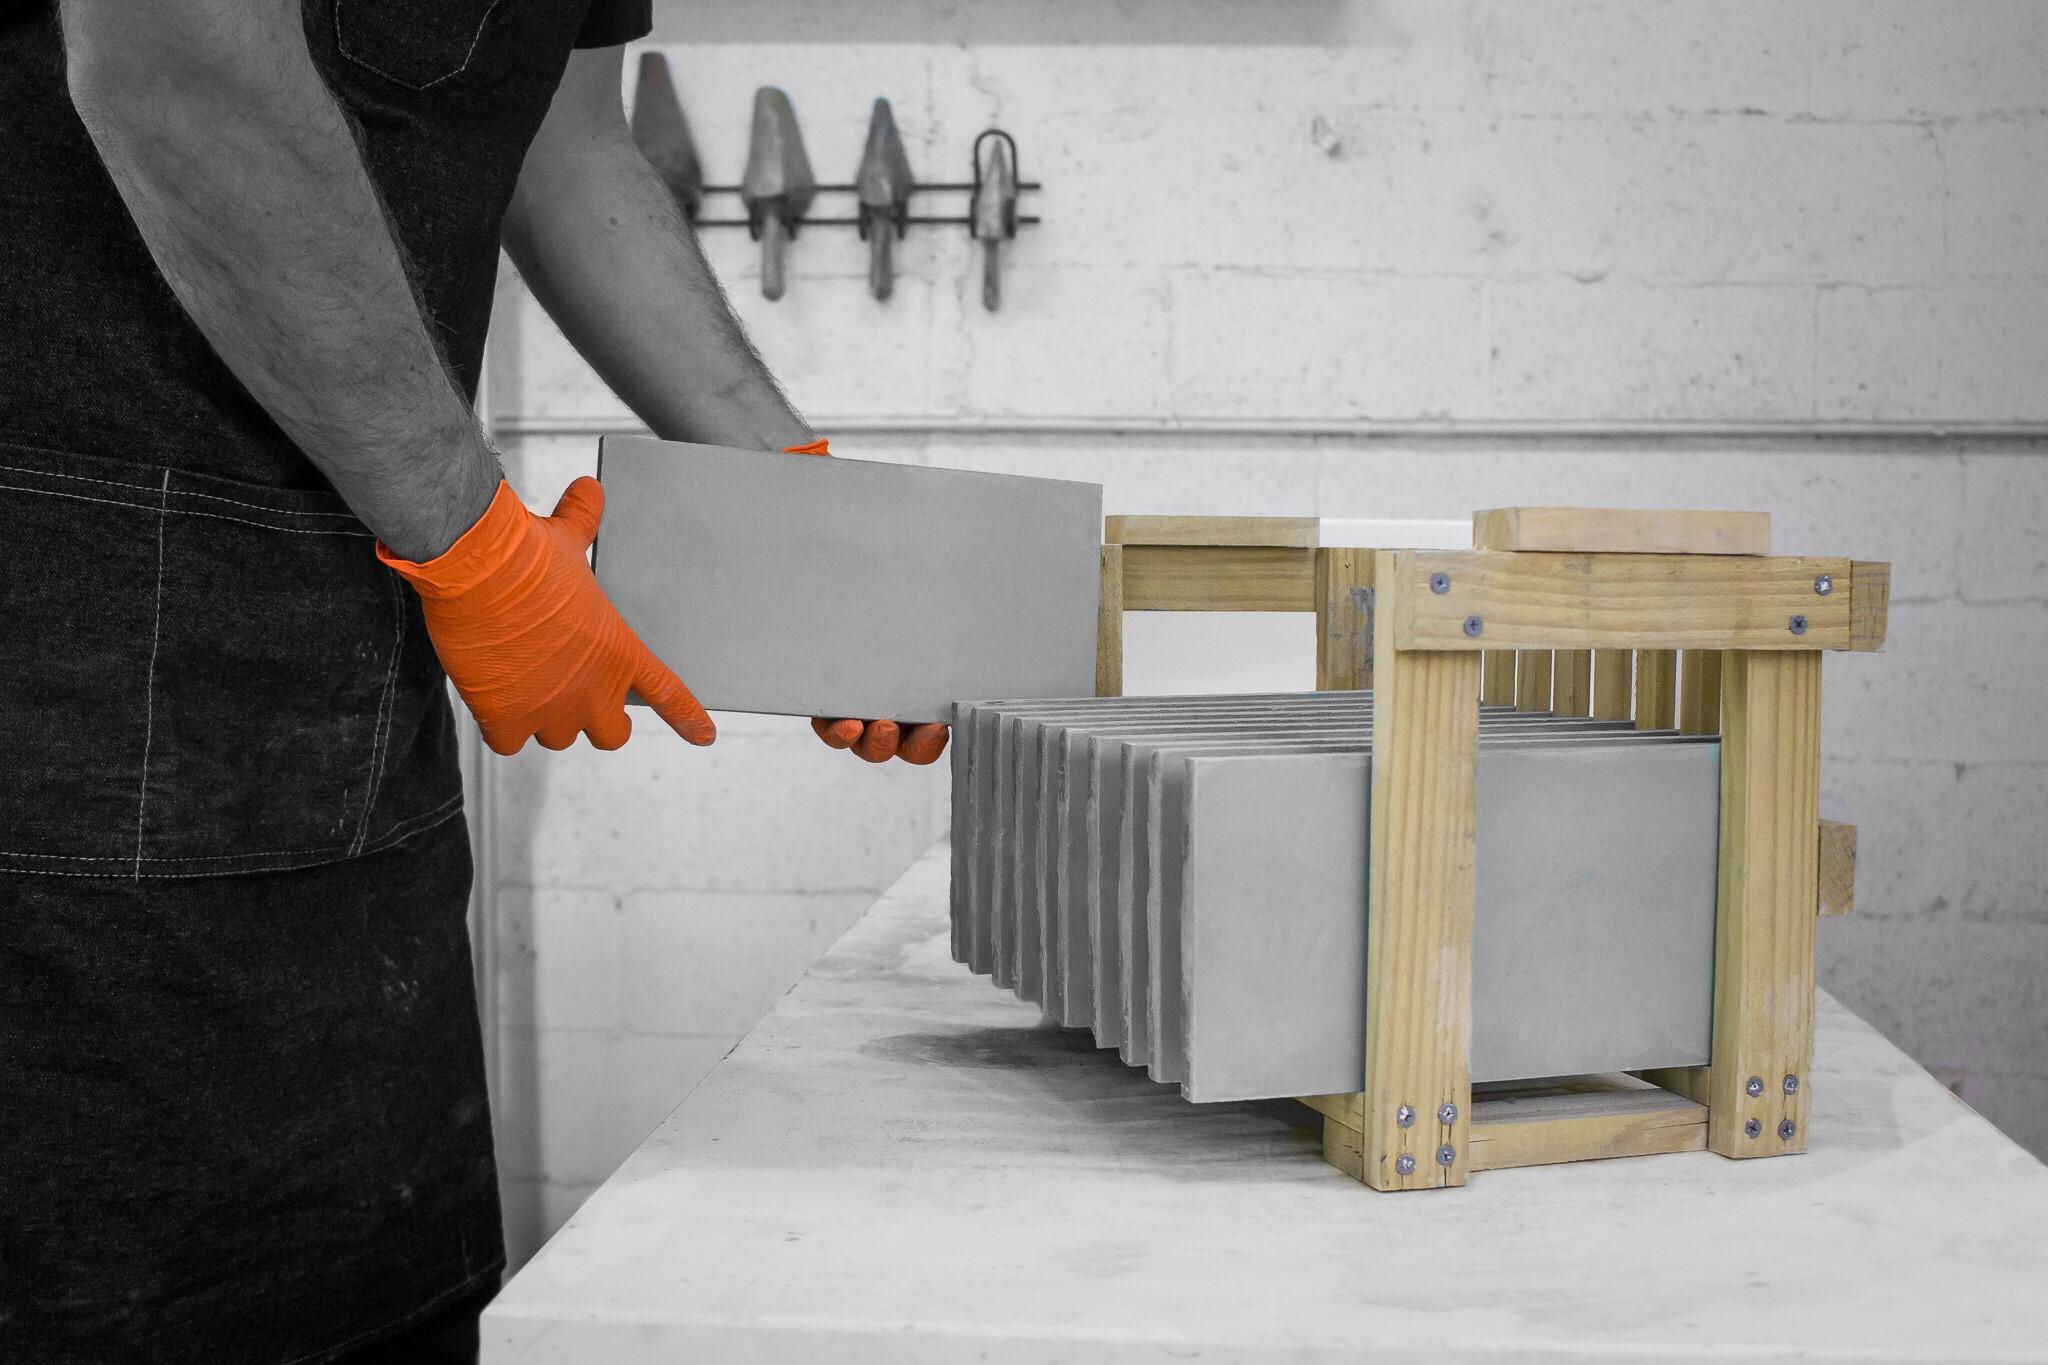 CARE - Understanding Cement Tiles